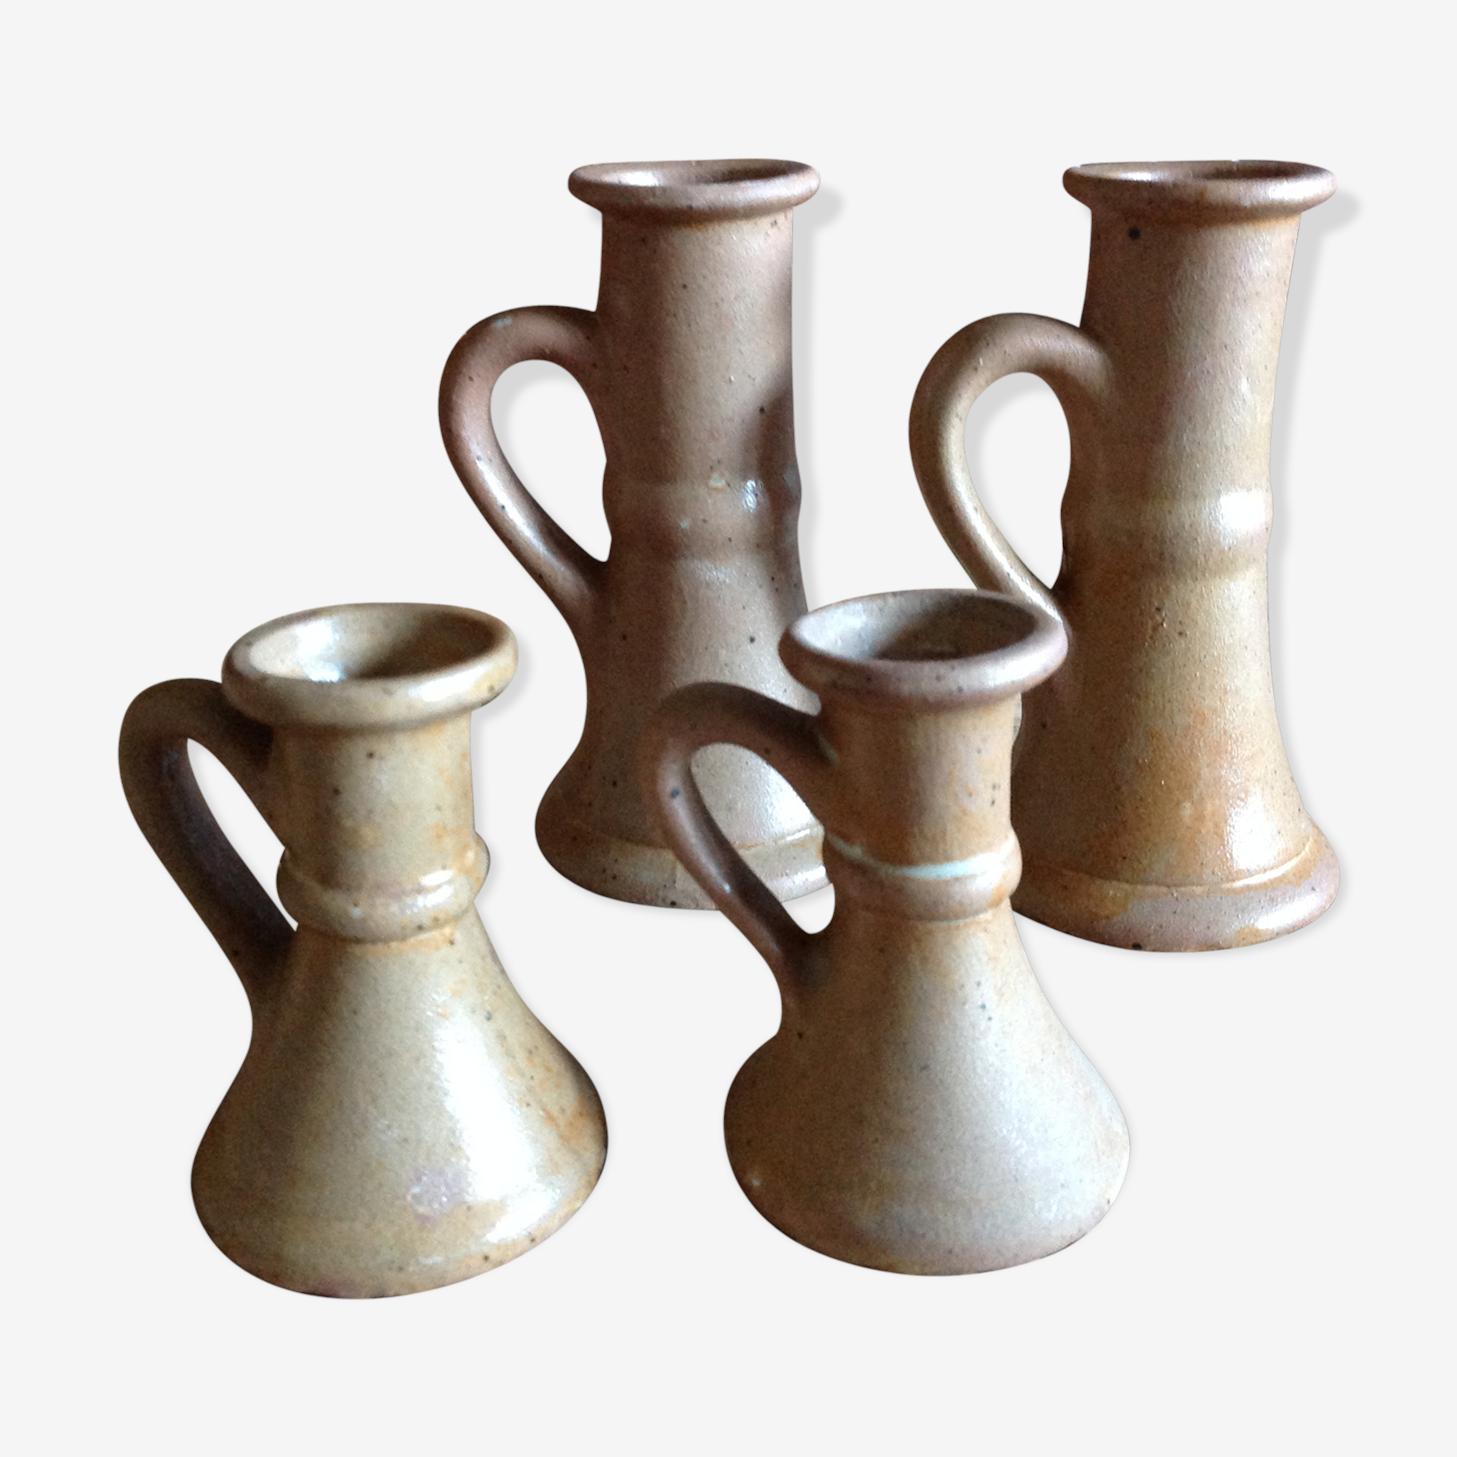 Set of 4 candlesticks in sandstone